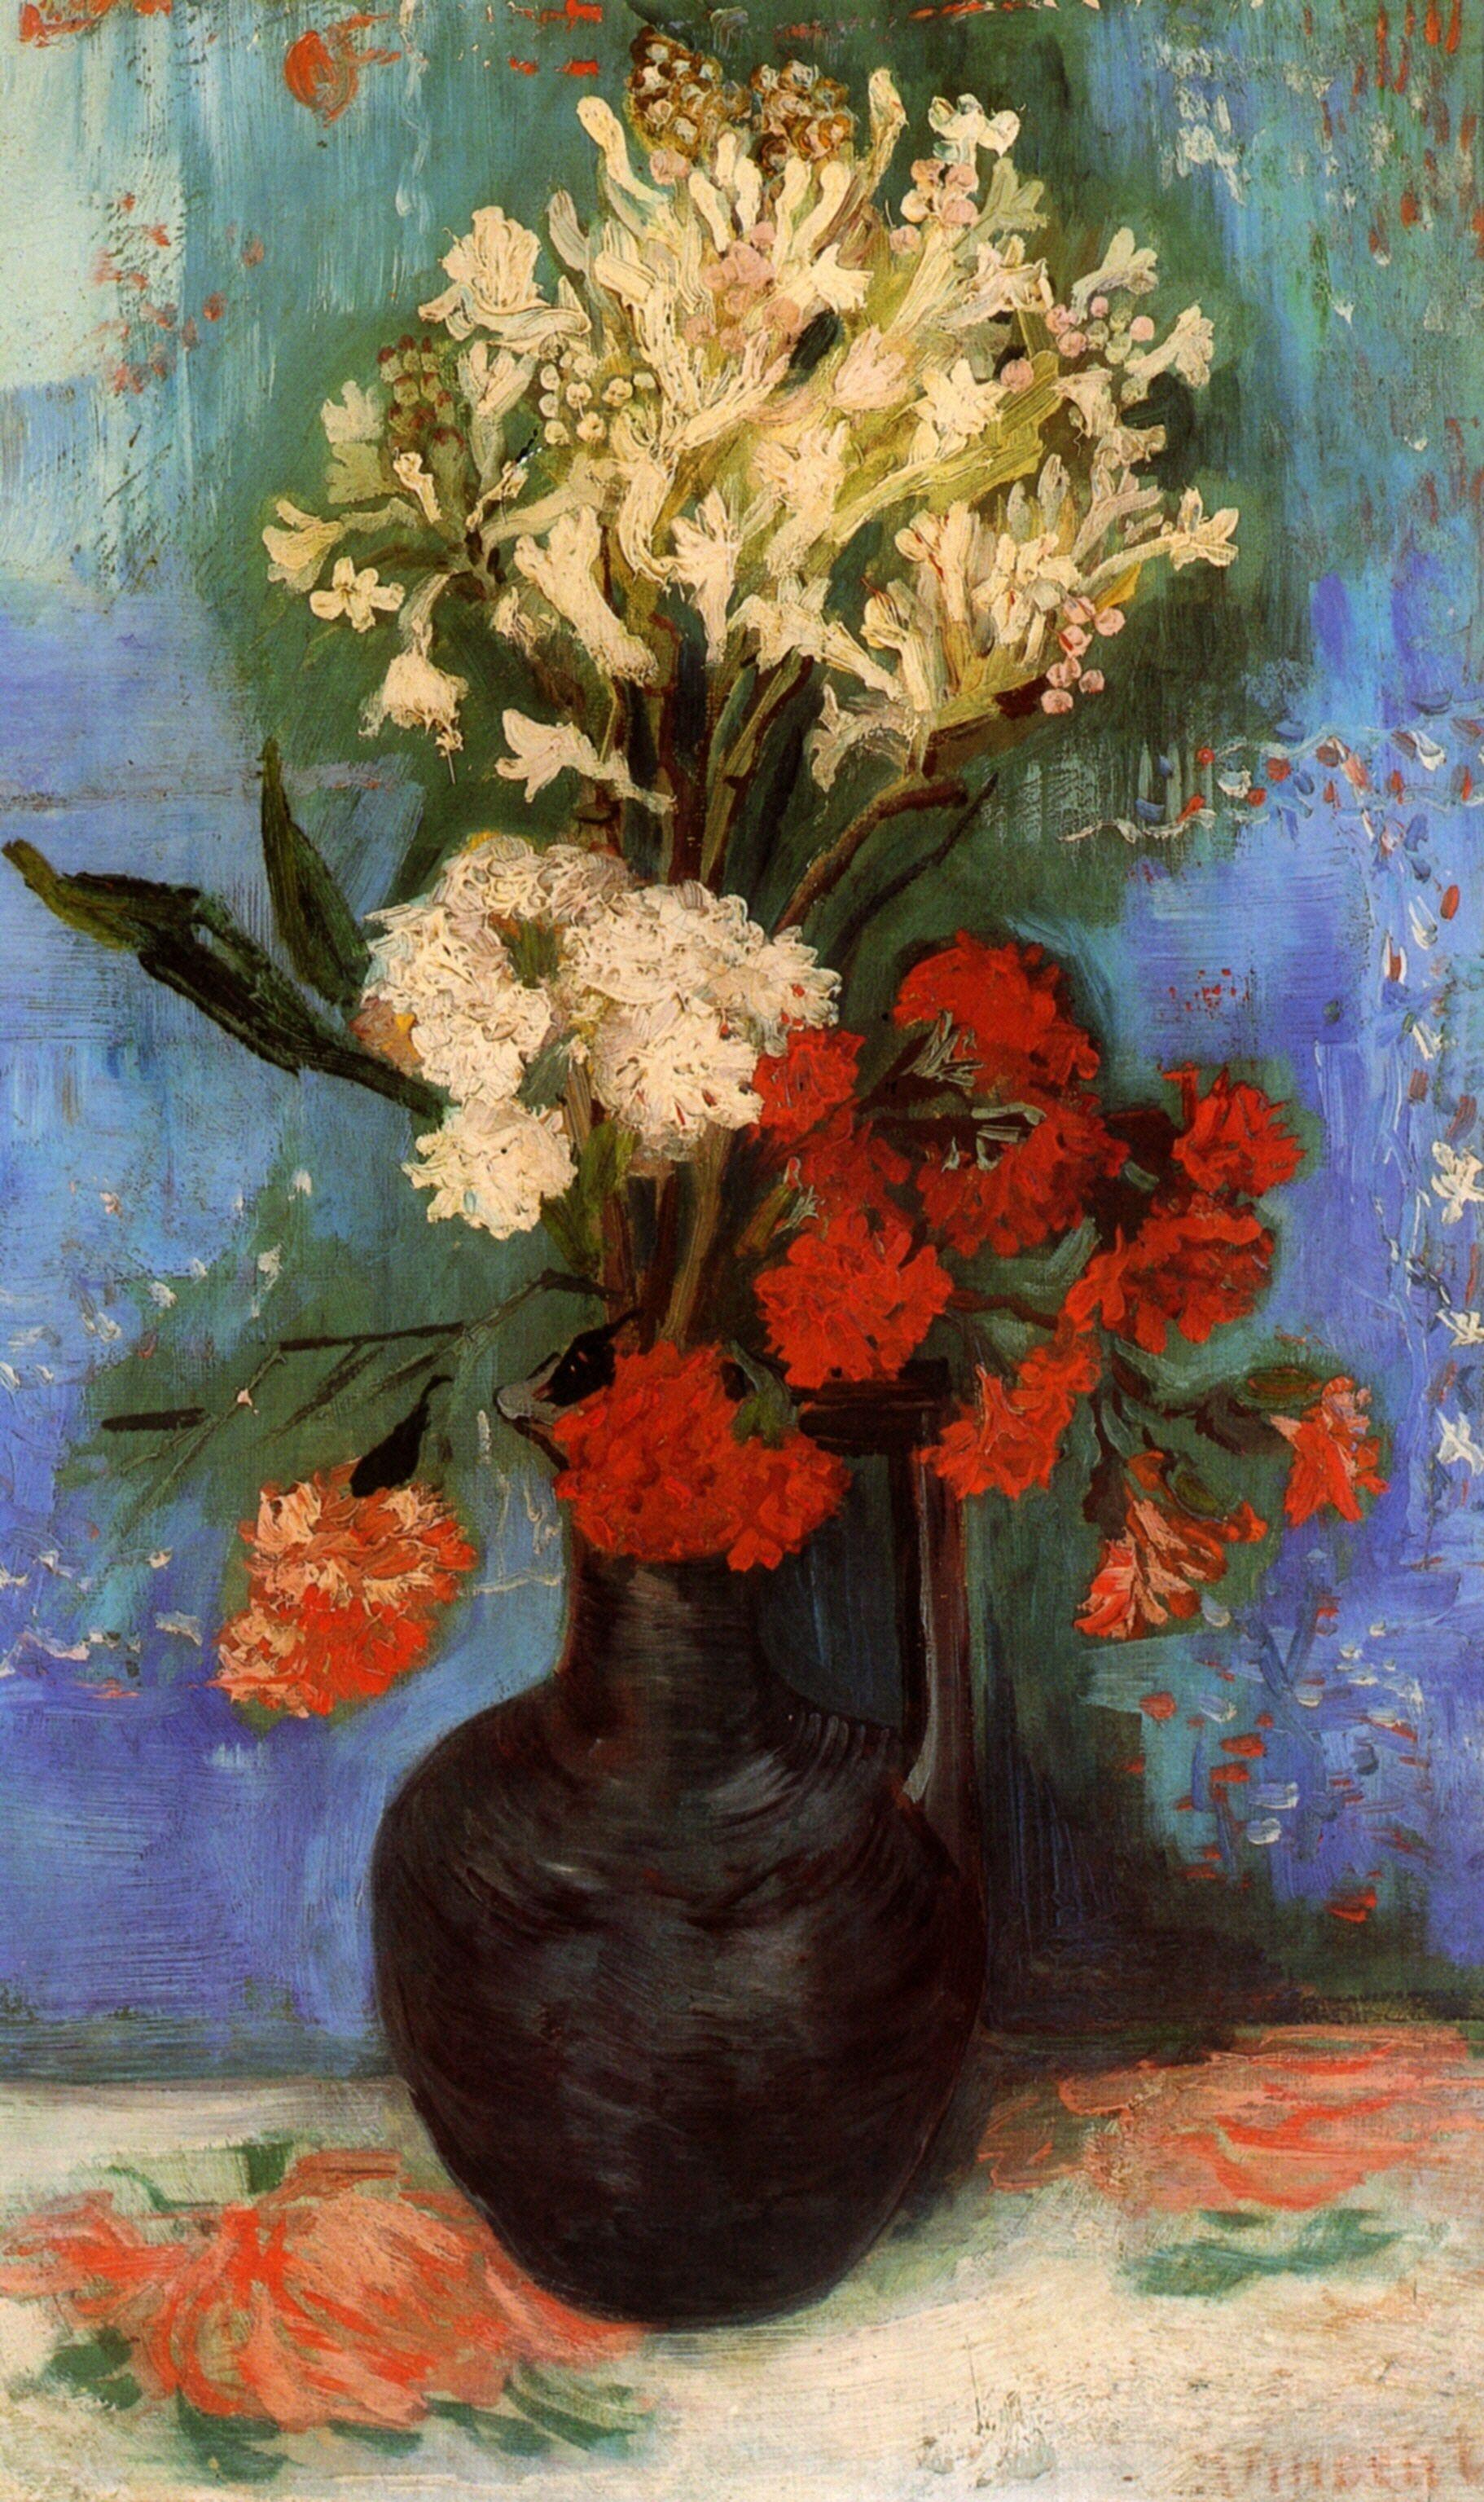 Van gogh flower paintings vincent van gogh paintings vase with van gogh flower paintings vincent van gogh paintings vase with carnations and other flowers reviewsmspy